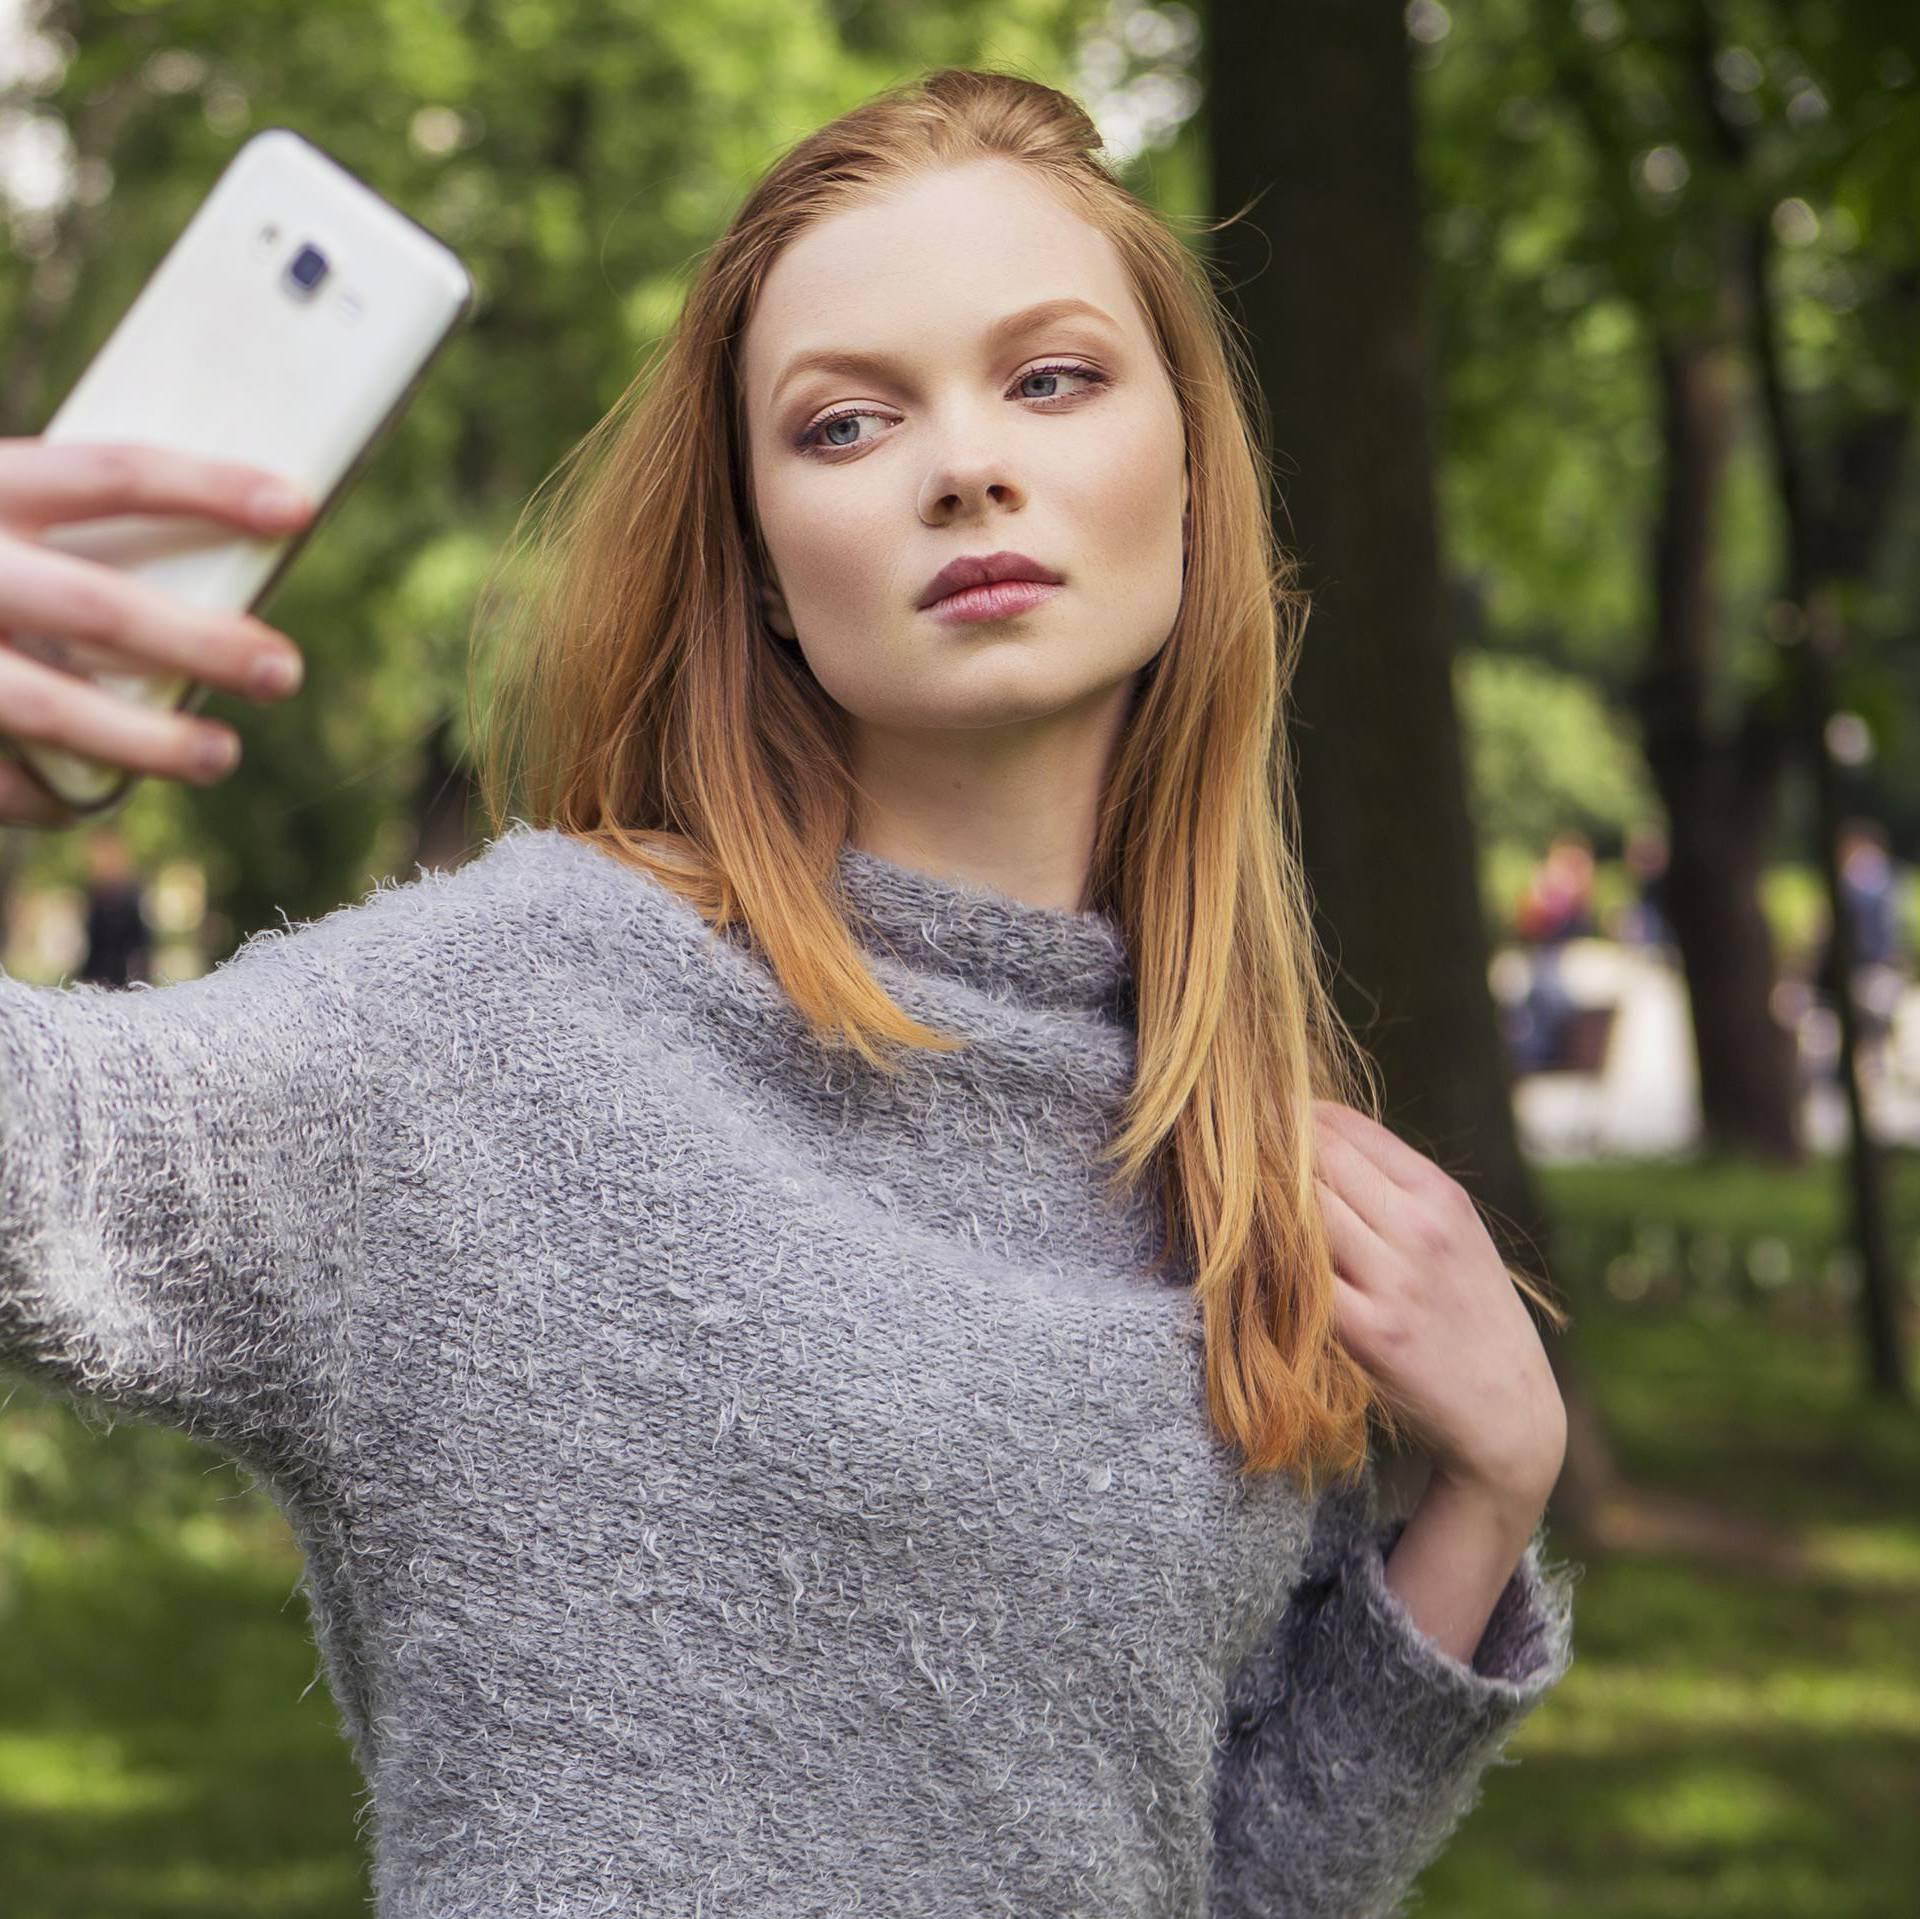 'Selfie' je kriv za sve: Sve više  narcisa zbog društvenih mreža